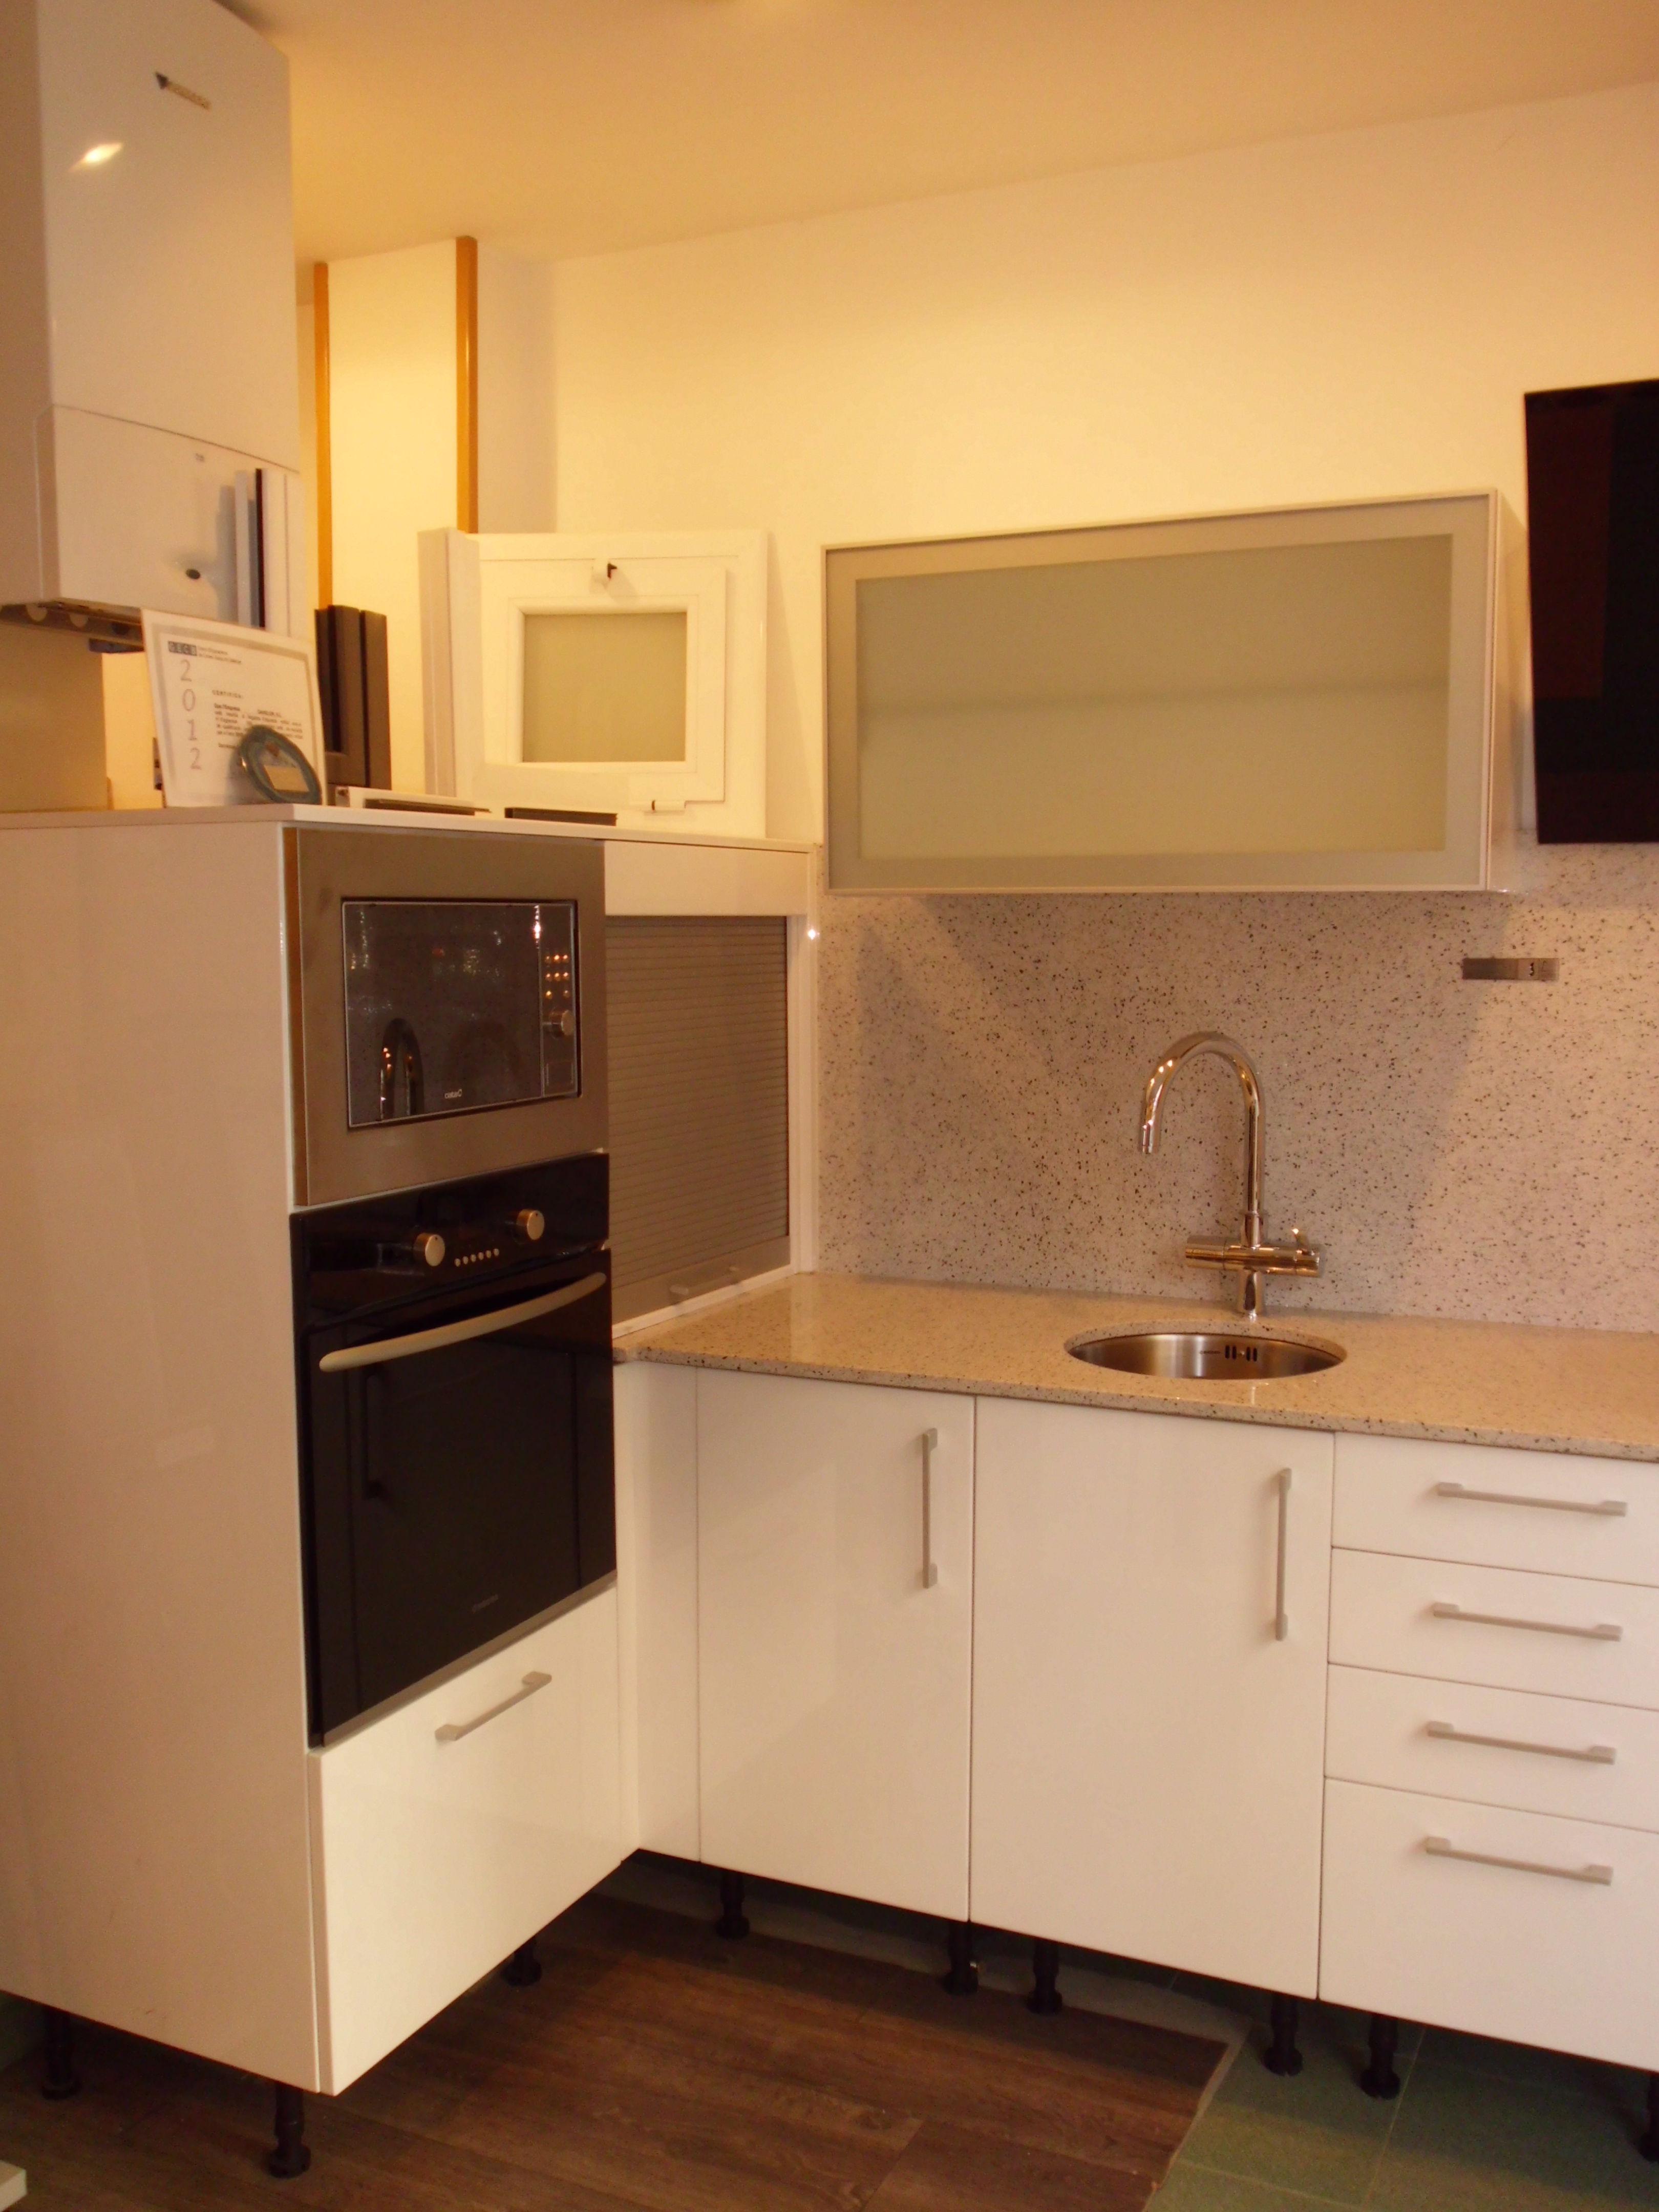 Oferta muebles cocina eixample servicios y productos de - Ofertas muebles de cocina ...